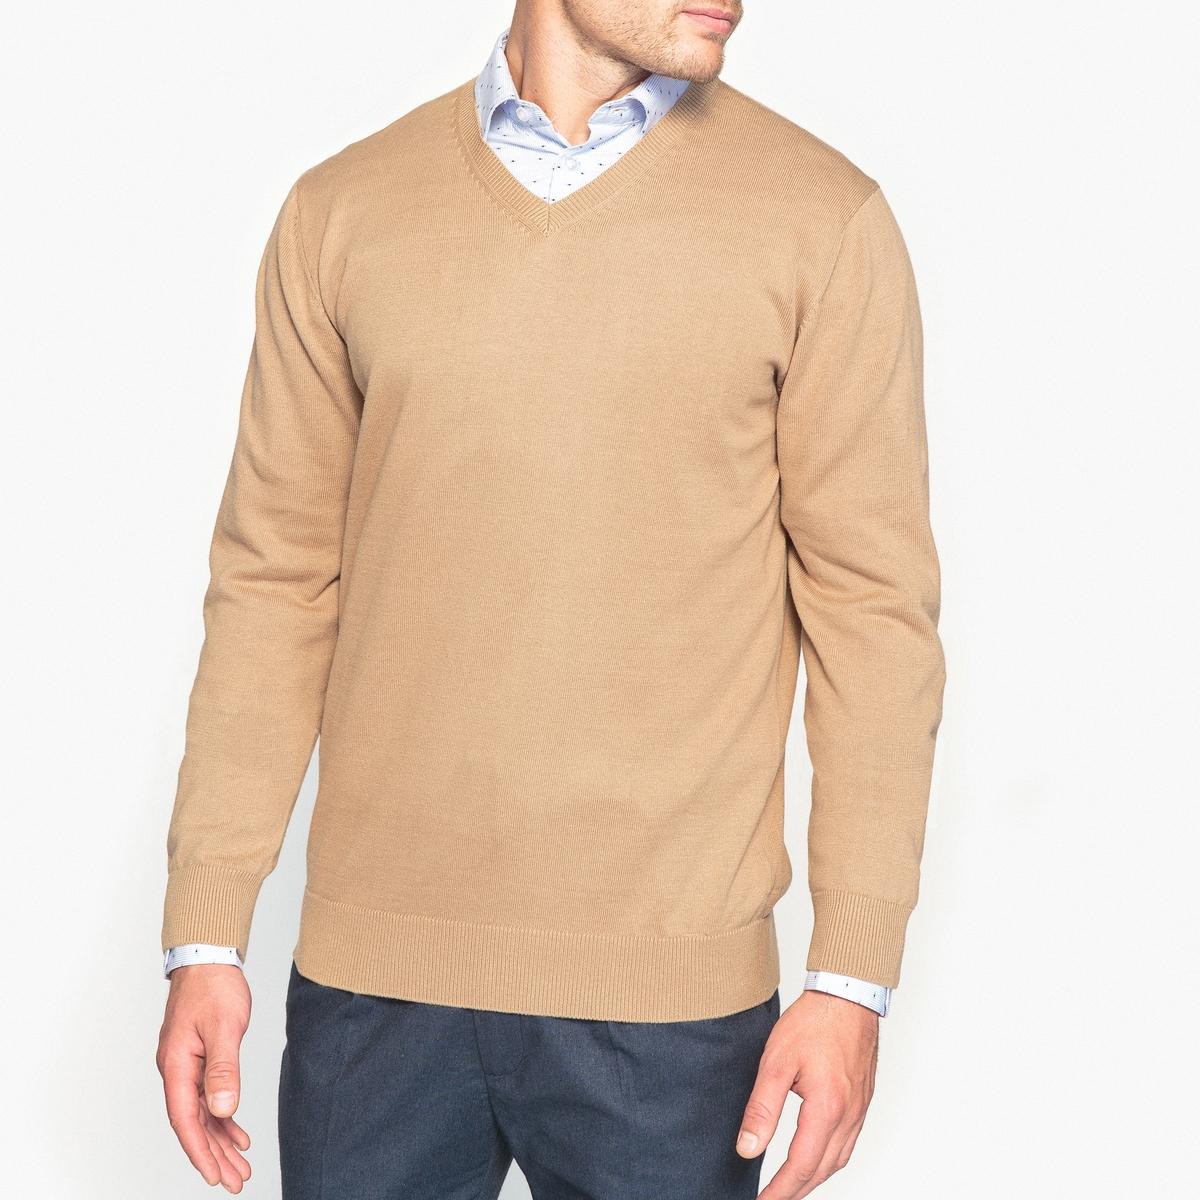 Пуловер с V-образным вырезом, 100% хлопкаПуловер с длинными рукавами. Прямой покрой, V-образный вырез. Края низа и рукавов связаны в рубчик.Состав и описание Материал : 100% хлопкаМарка : R essentiel.<br><br>Цвет: бежевый меланж,серый меланж,темно-синий меланж,черный<br>Размер: L.XL.S.M.XL.M.L.M.XXL.3XL